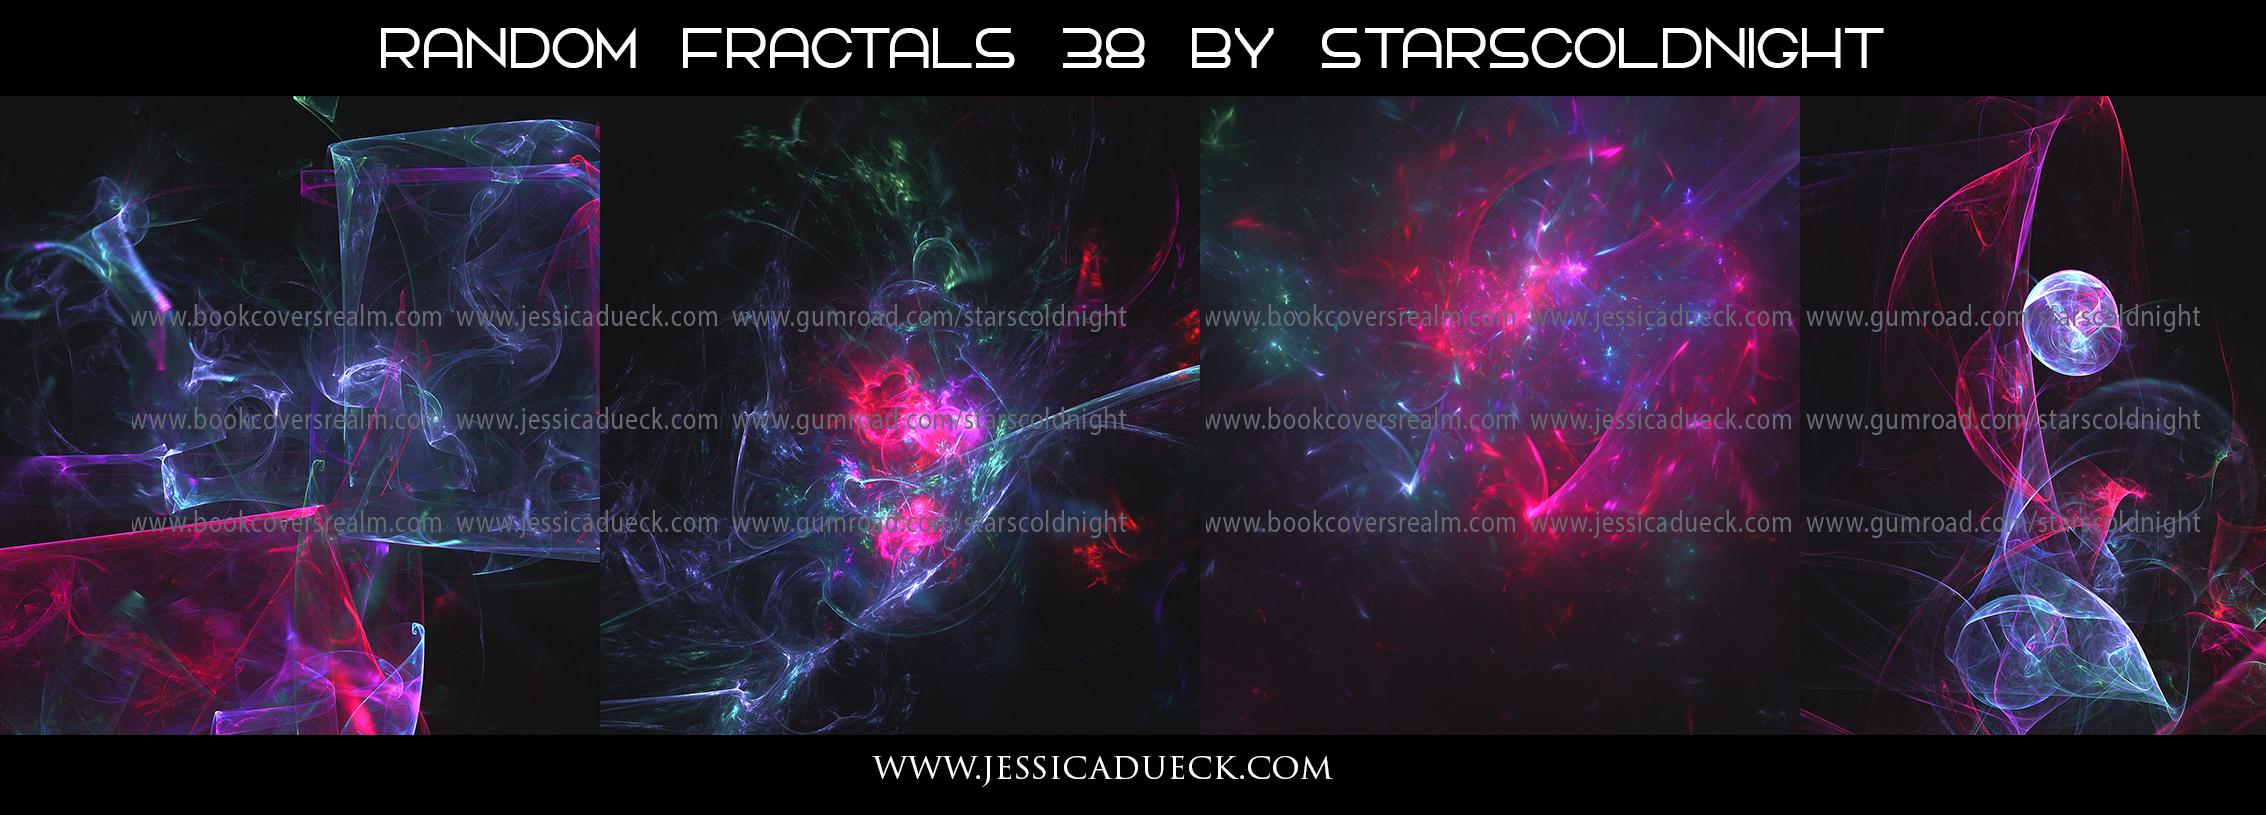 Random fractals 38 by starscoldnight